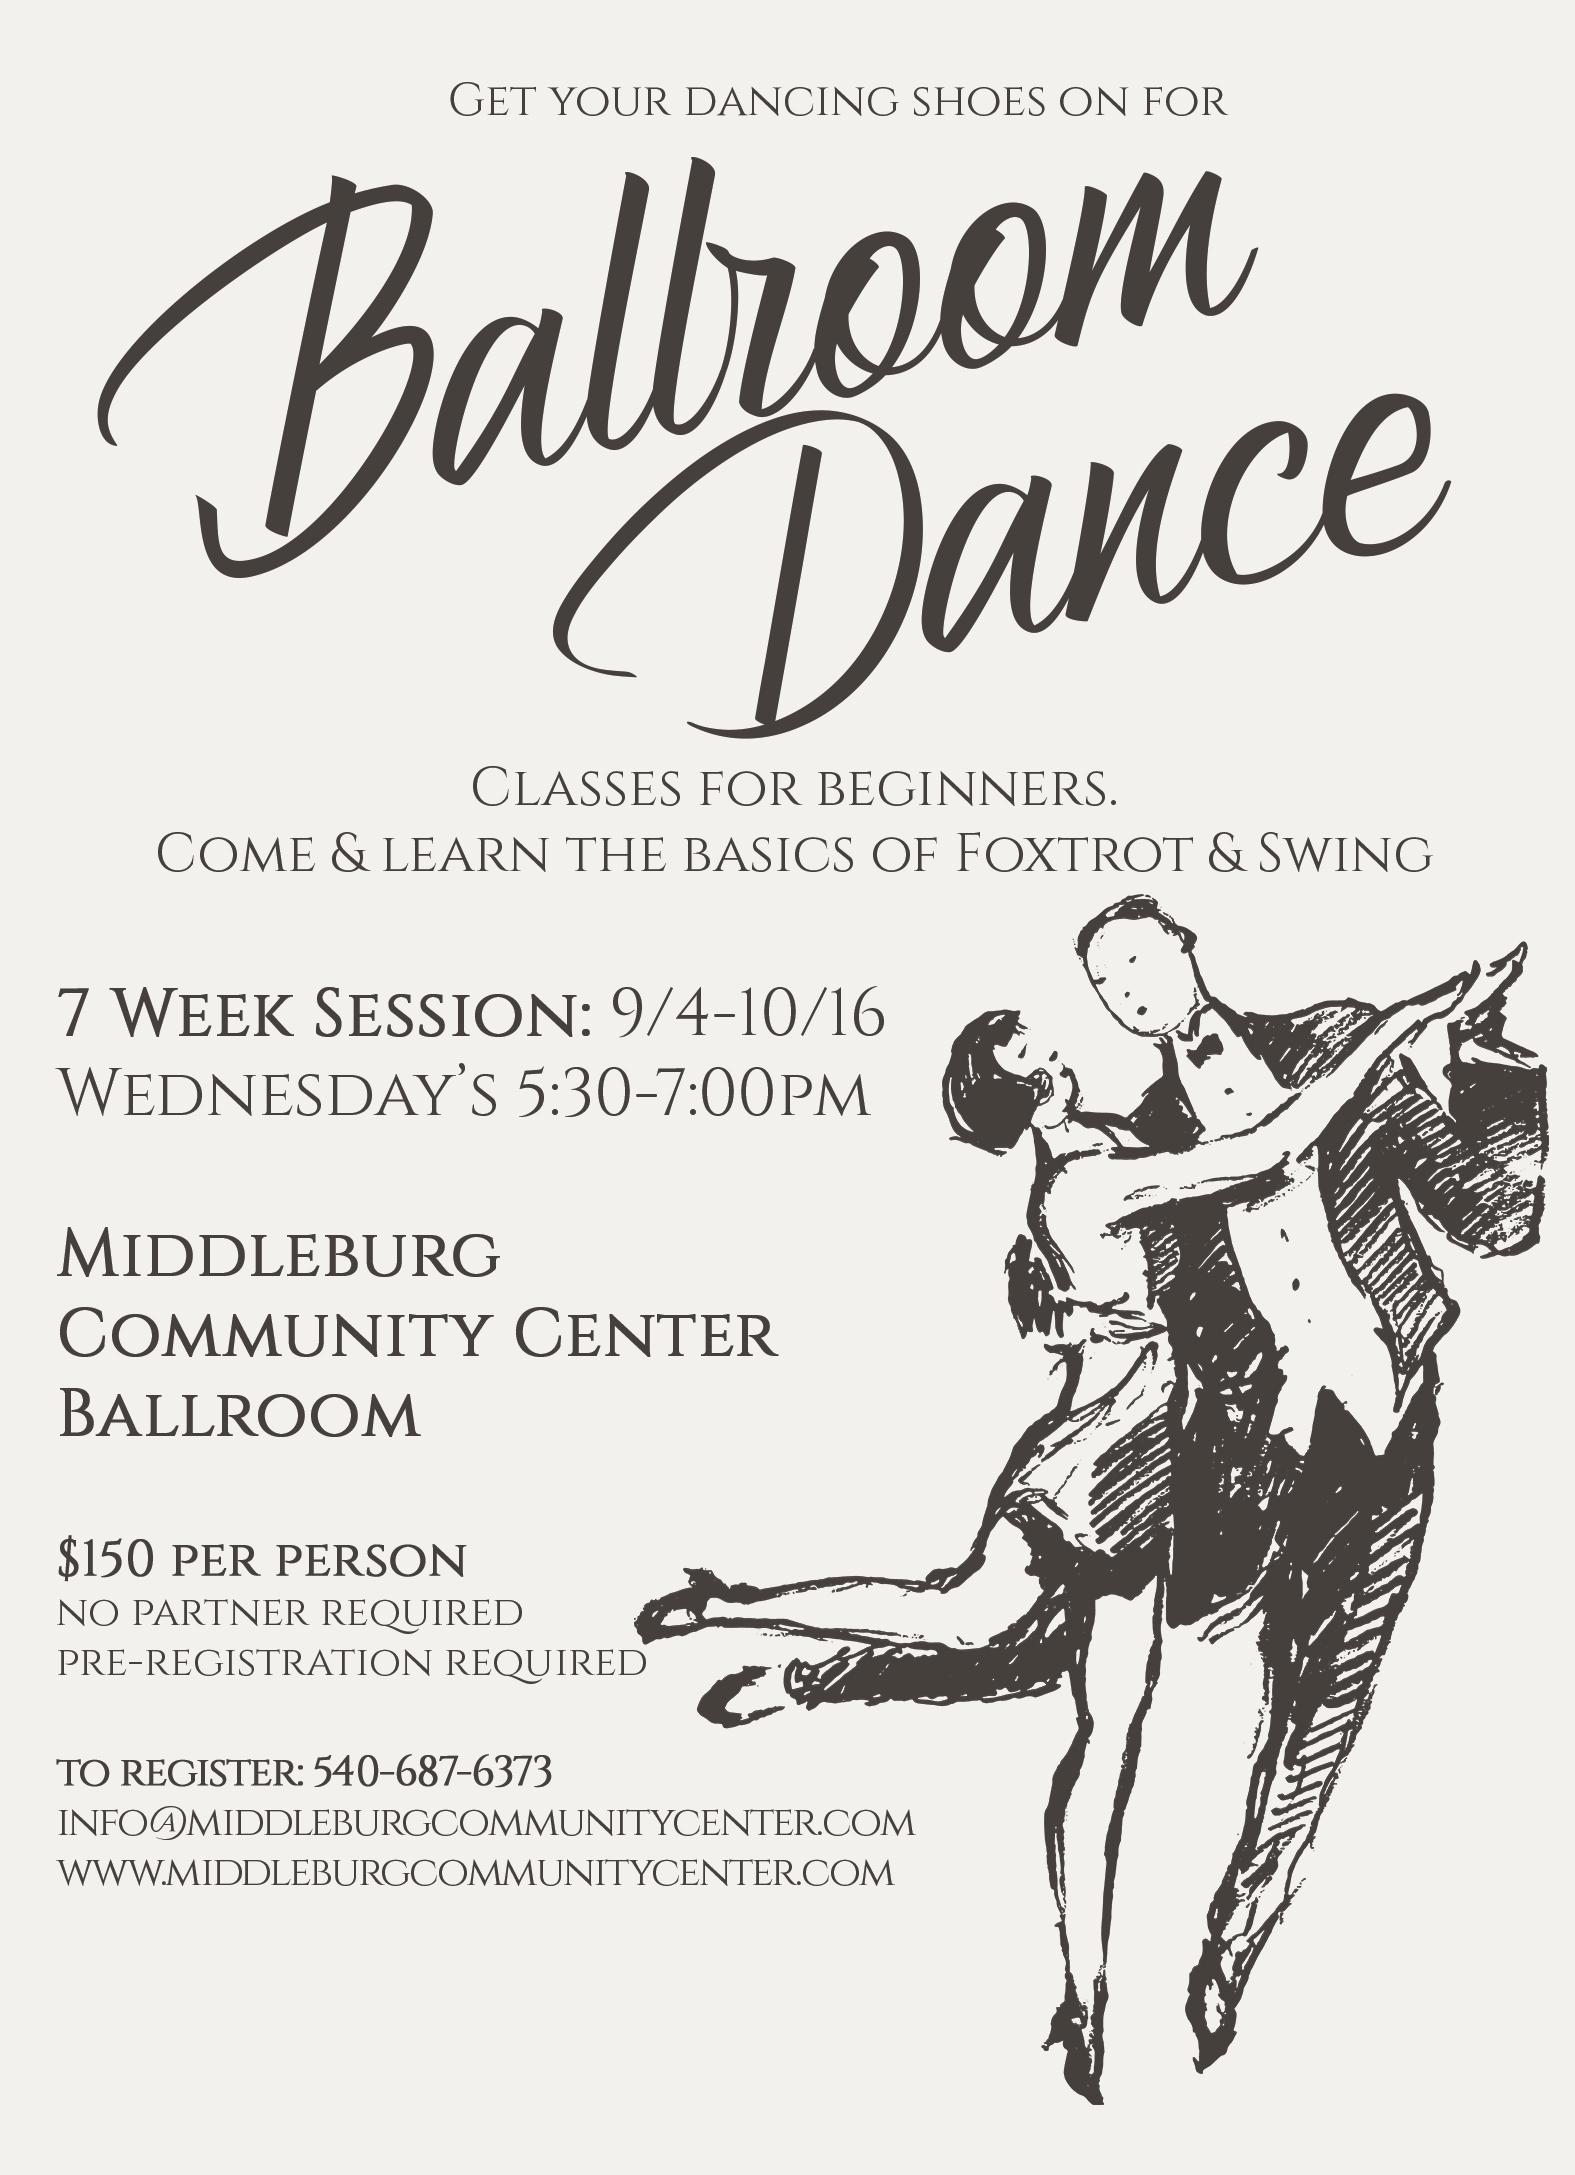 ballroom dance class flyer 2019.jpg